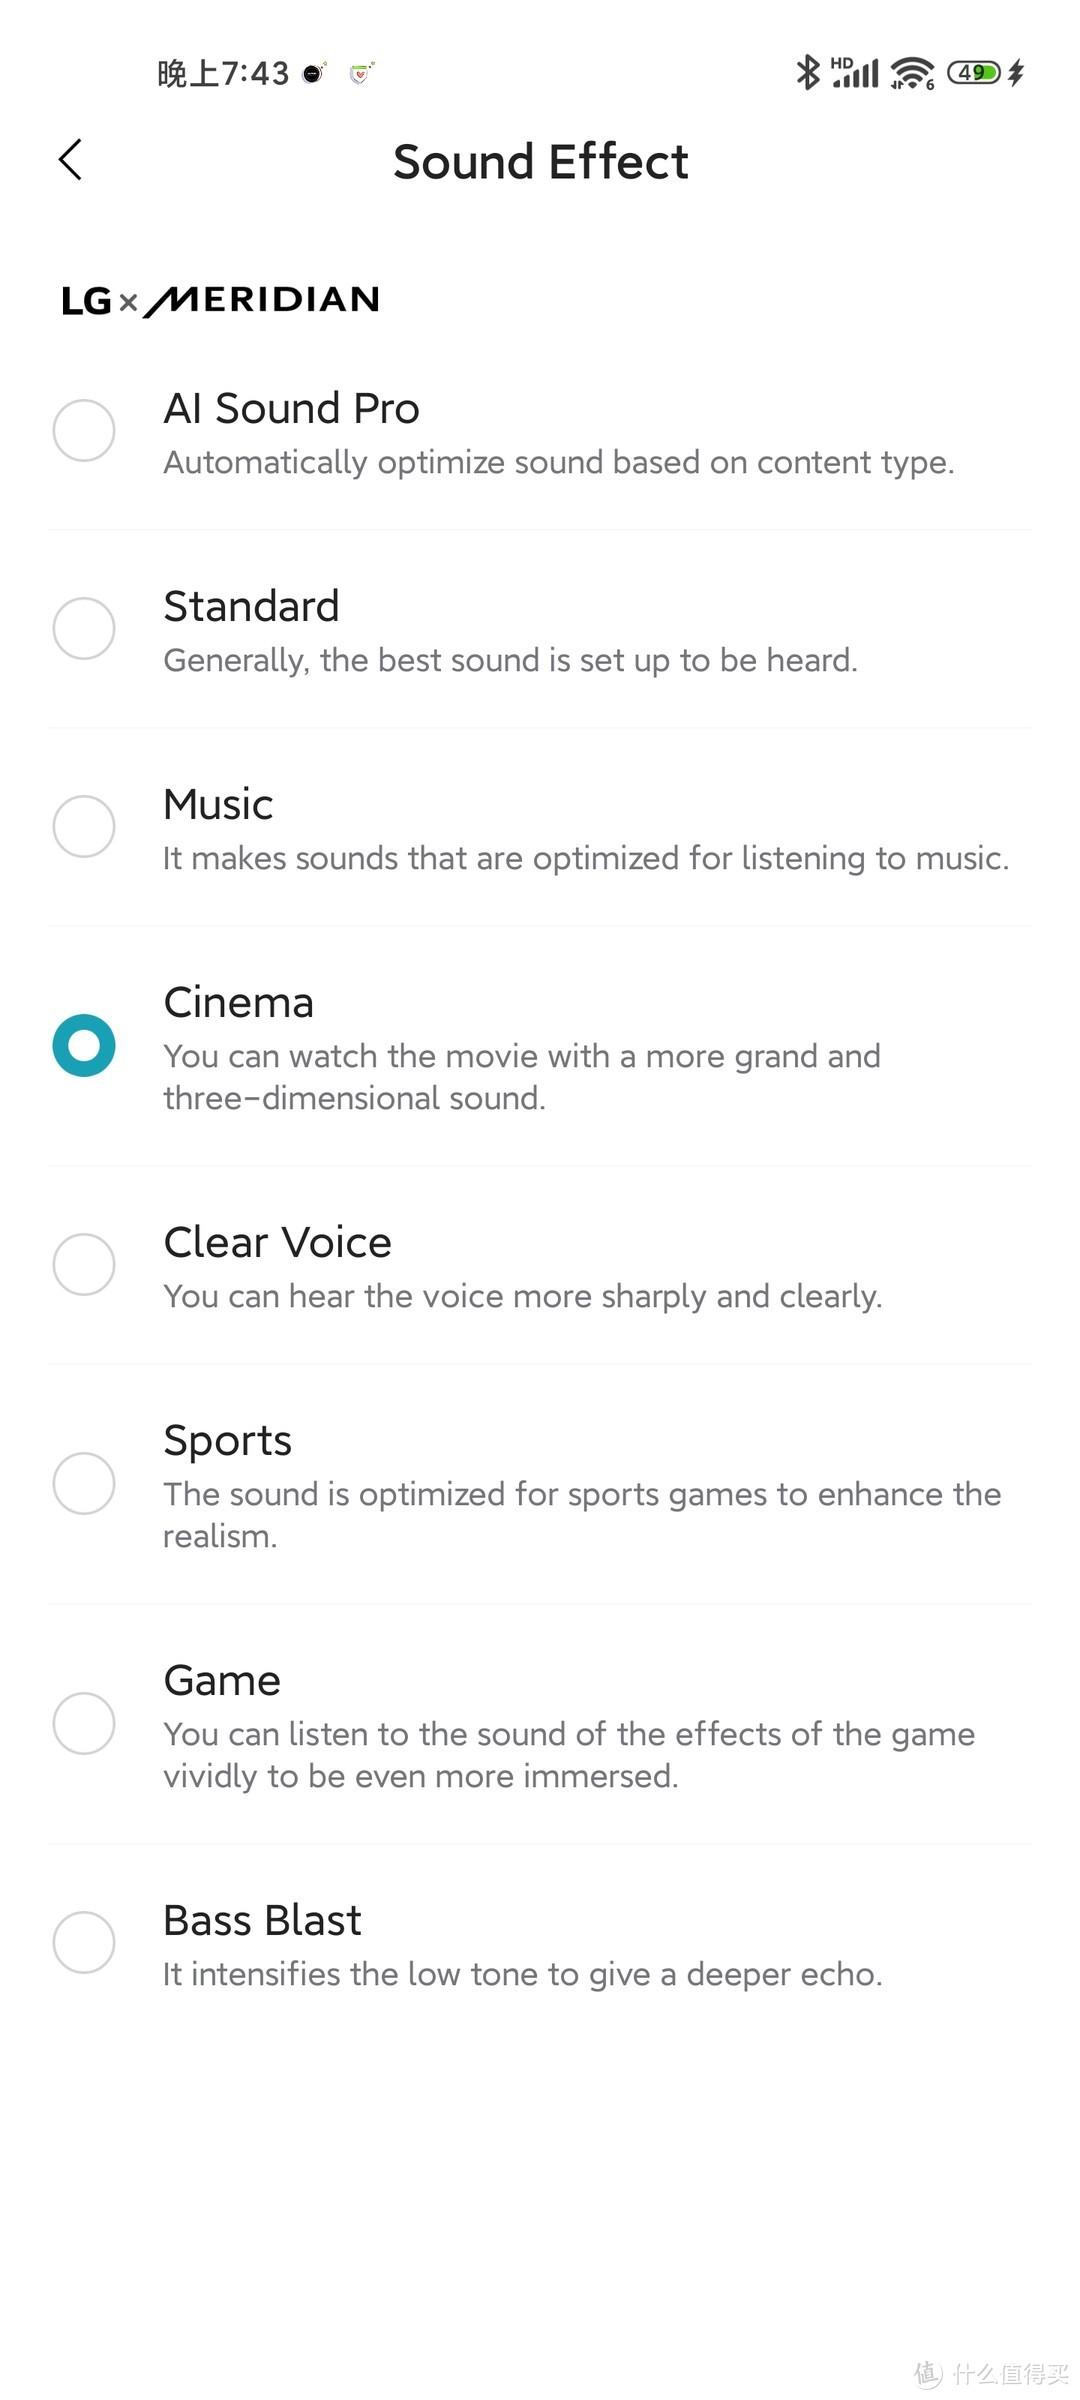 一共8种不同的音效模式